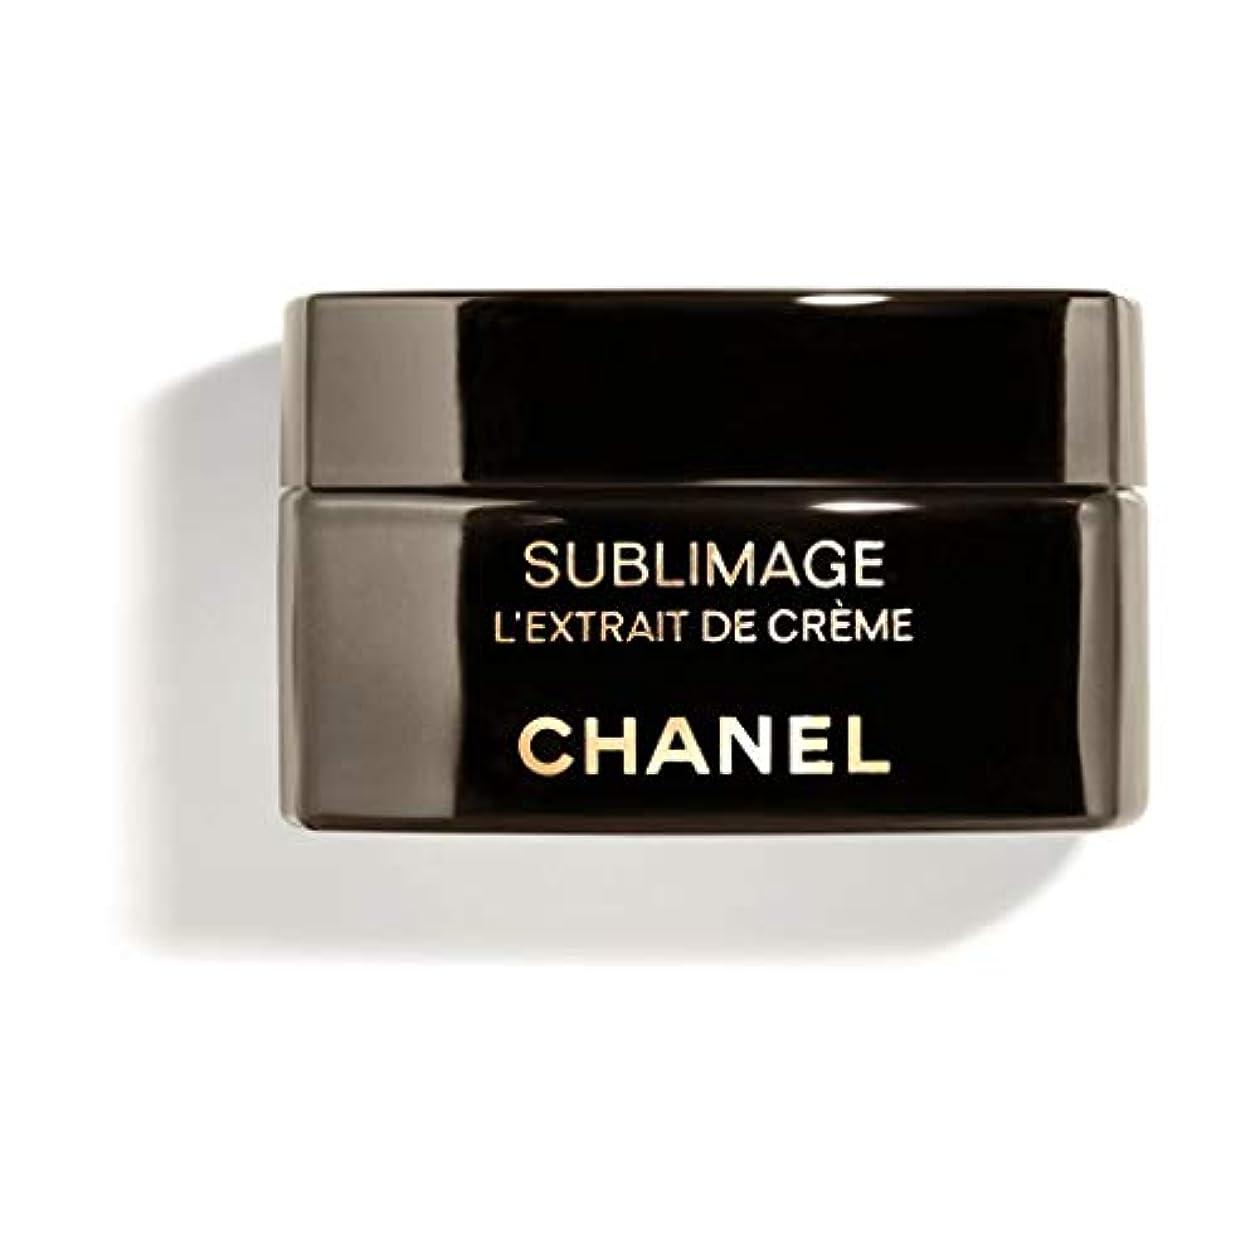 軽減居眠りするしがみつくCHANEL(シャネル) SUBLIMAGE L EXTRAIT DE CREME サブリマージュ レクストレ ドゥ クレーム 50g